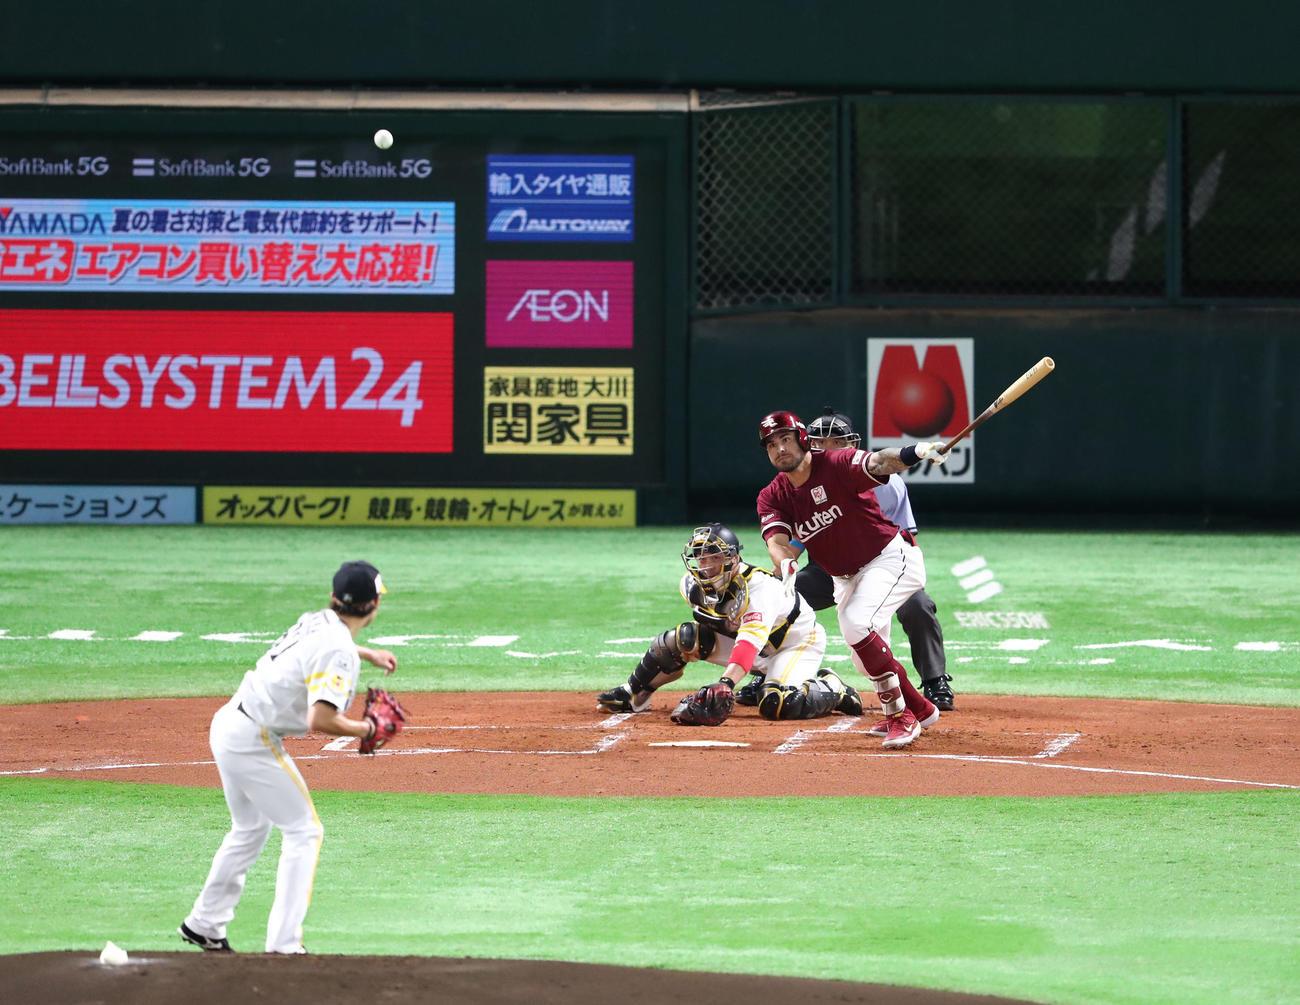 ソフトバンク対楽天 1回表楽天1死満塁、ロメロは中越えに2点適時打を放つ(撮影・梅根麻紀)